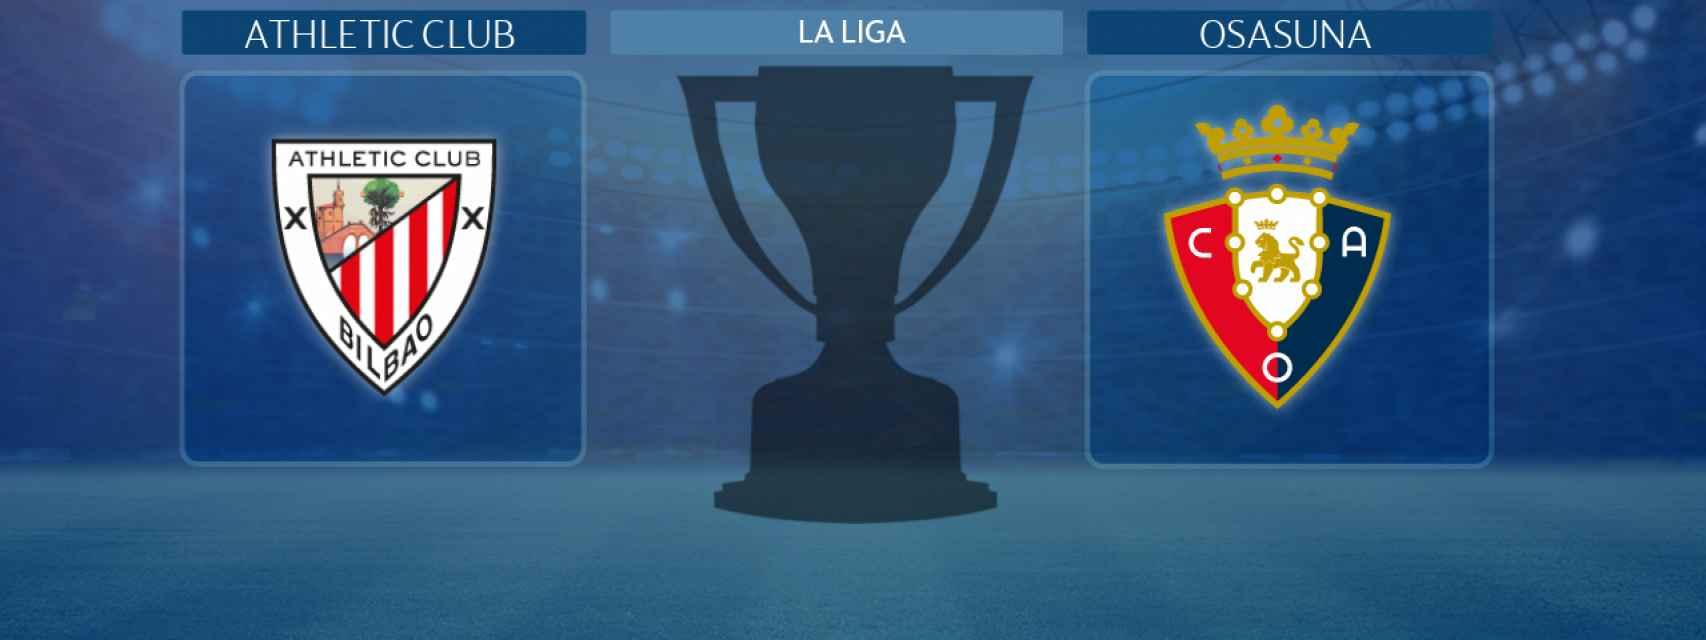 Athletic Club - Osasuna, partido de La Liga